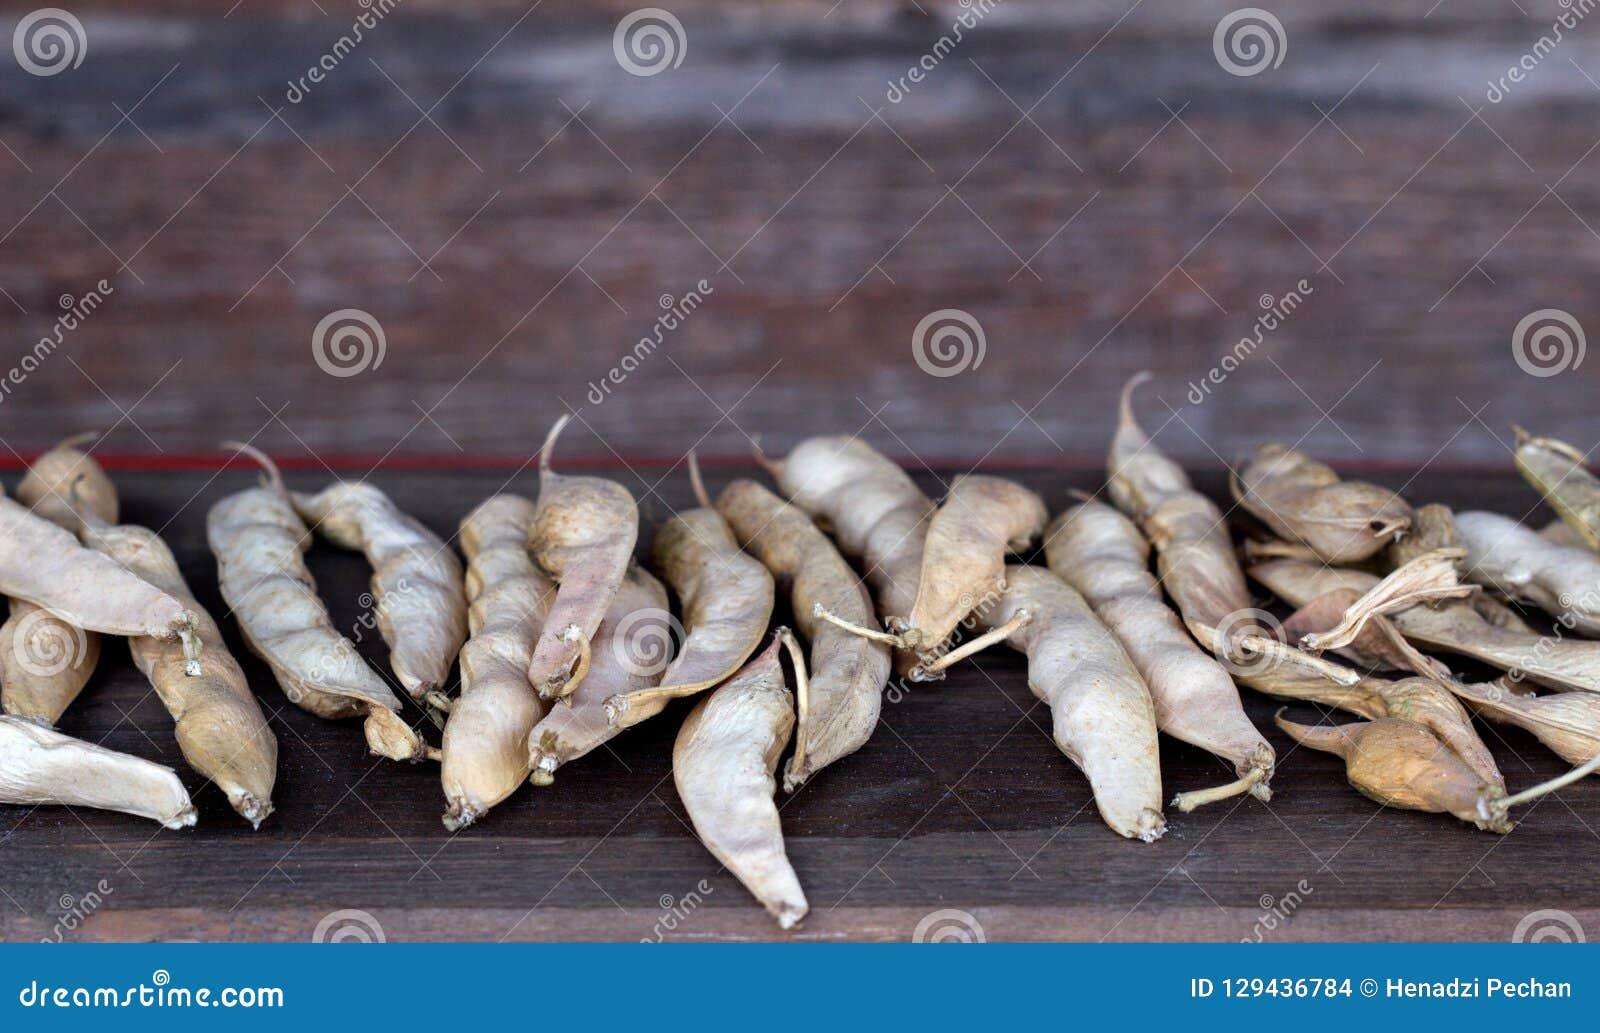 Hülsen von getrockneten Bohnen auf einem hölzernen Hintergrund, Nahaufnahme, Kopieraum